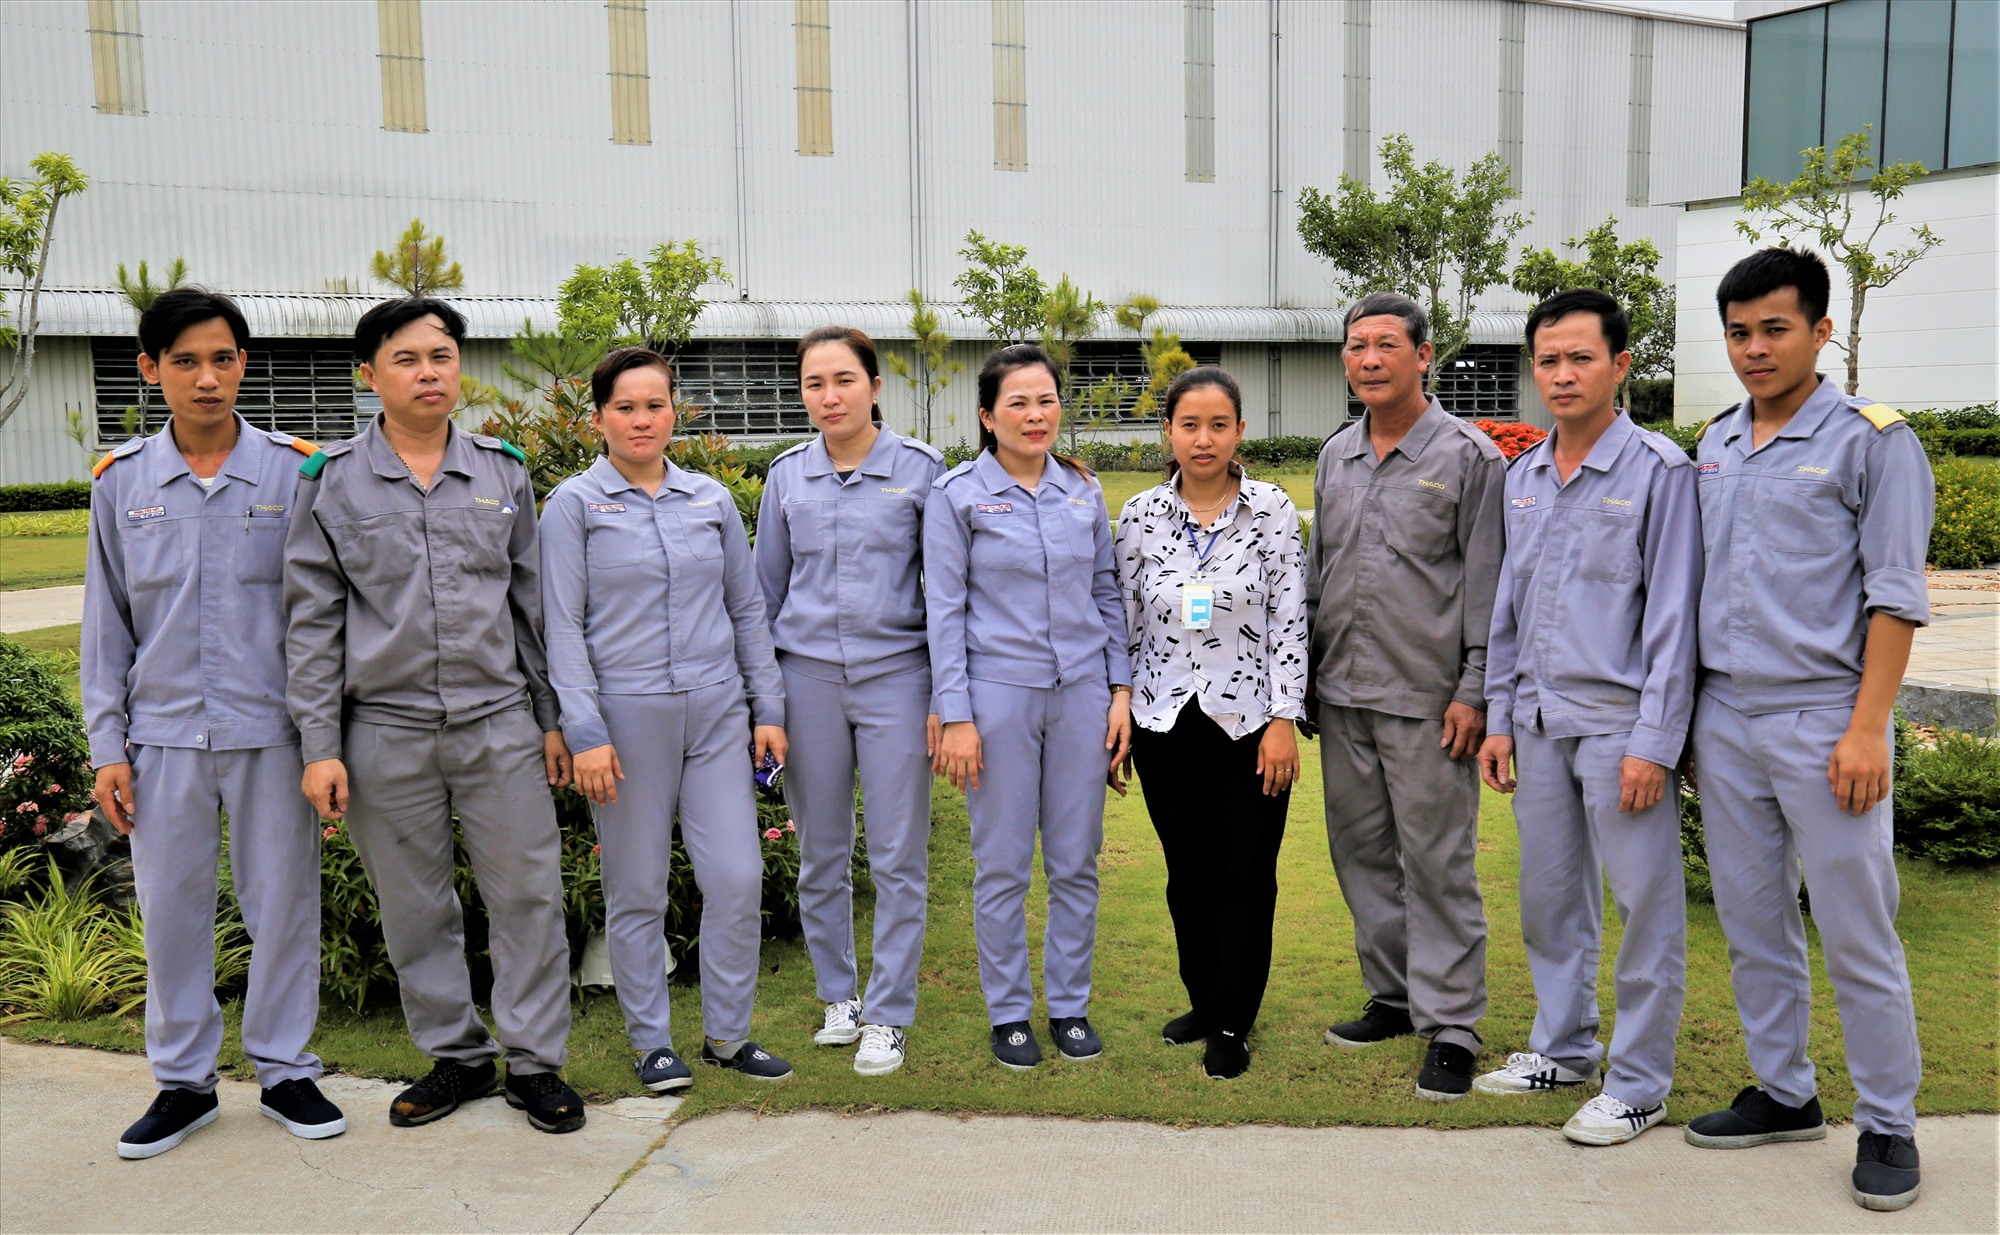 Gia đình anh Lê Văn Phẩm có 9 thành viên cùng làm việc tại THACO Chu Lai.